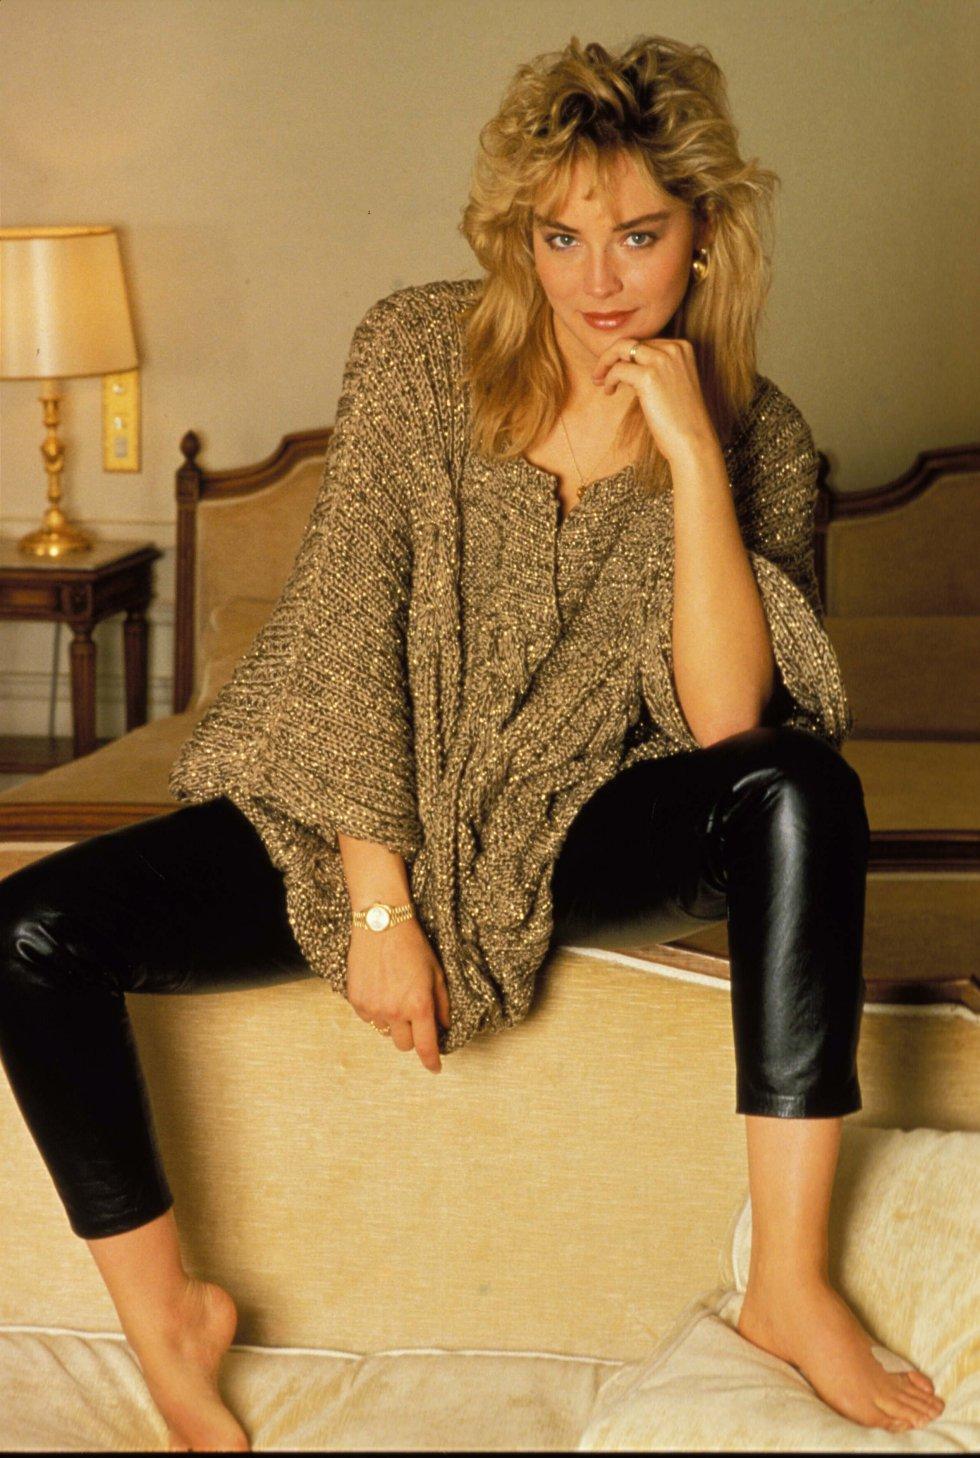 Sharon Stone que en realidad se llama Sharon Yvonne Stone, nació el 10 de marzo de 1958 en Pensilvania, Estados Unidos. Sus primeros pasos en el mundo de la comunicación los dio en la publicidad. También trabajó como modelo en Estados Unidos y en Europa. Su salto a la gran pantalla vino de la mano de su papel en la película de Woody Allen 'Memorias de un seductor'.